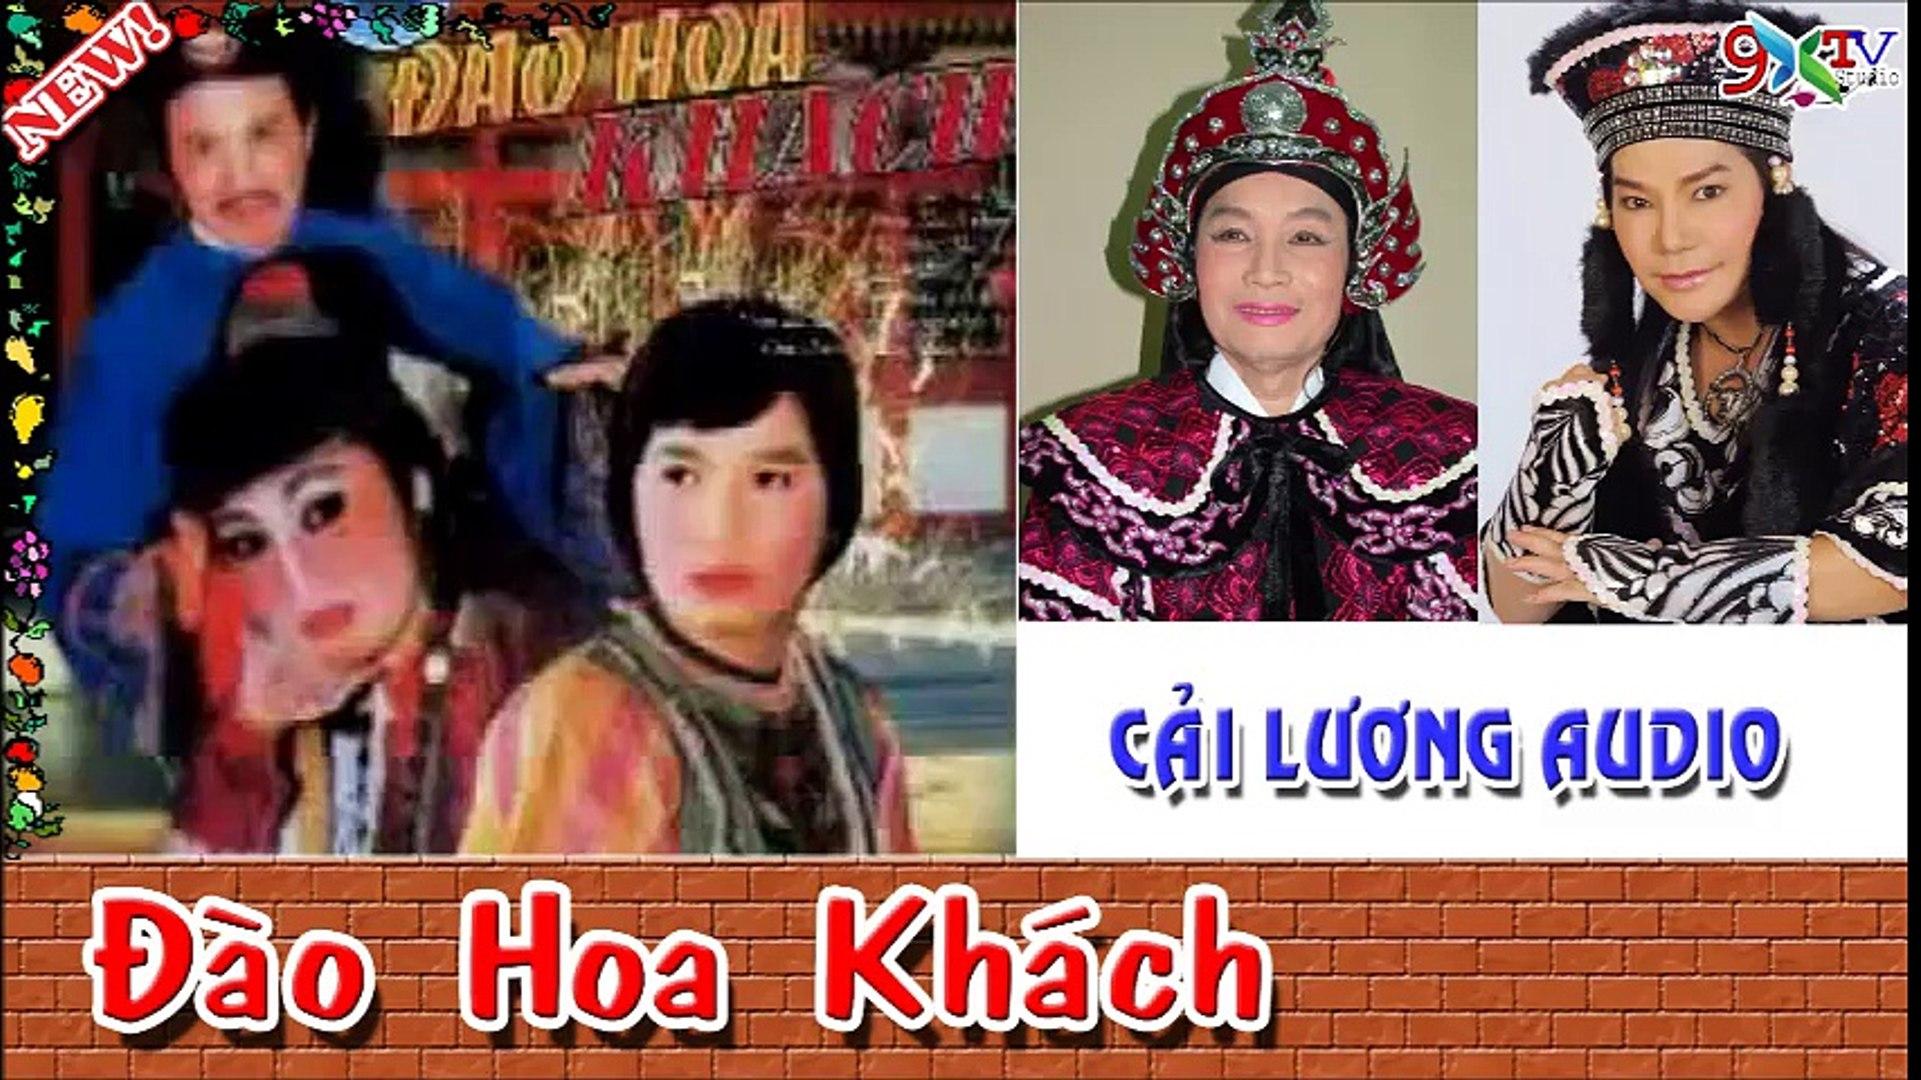 Đào Hoa Khách,Minh Vương , Linh Tâm , Linh Huệ , Cẩm Tiên ,Linh Vương ,Cải lương Võ Hiệp Audio